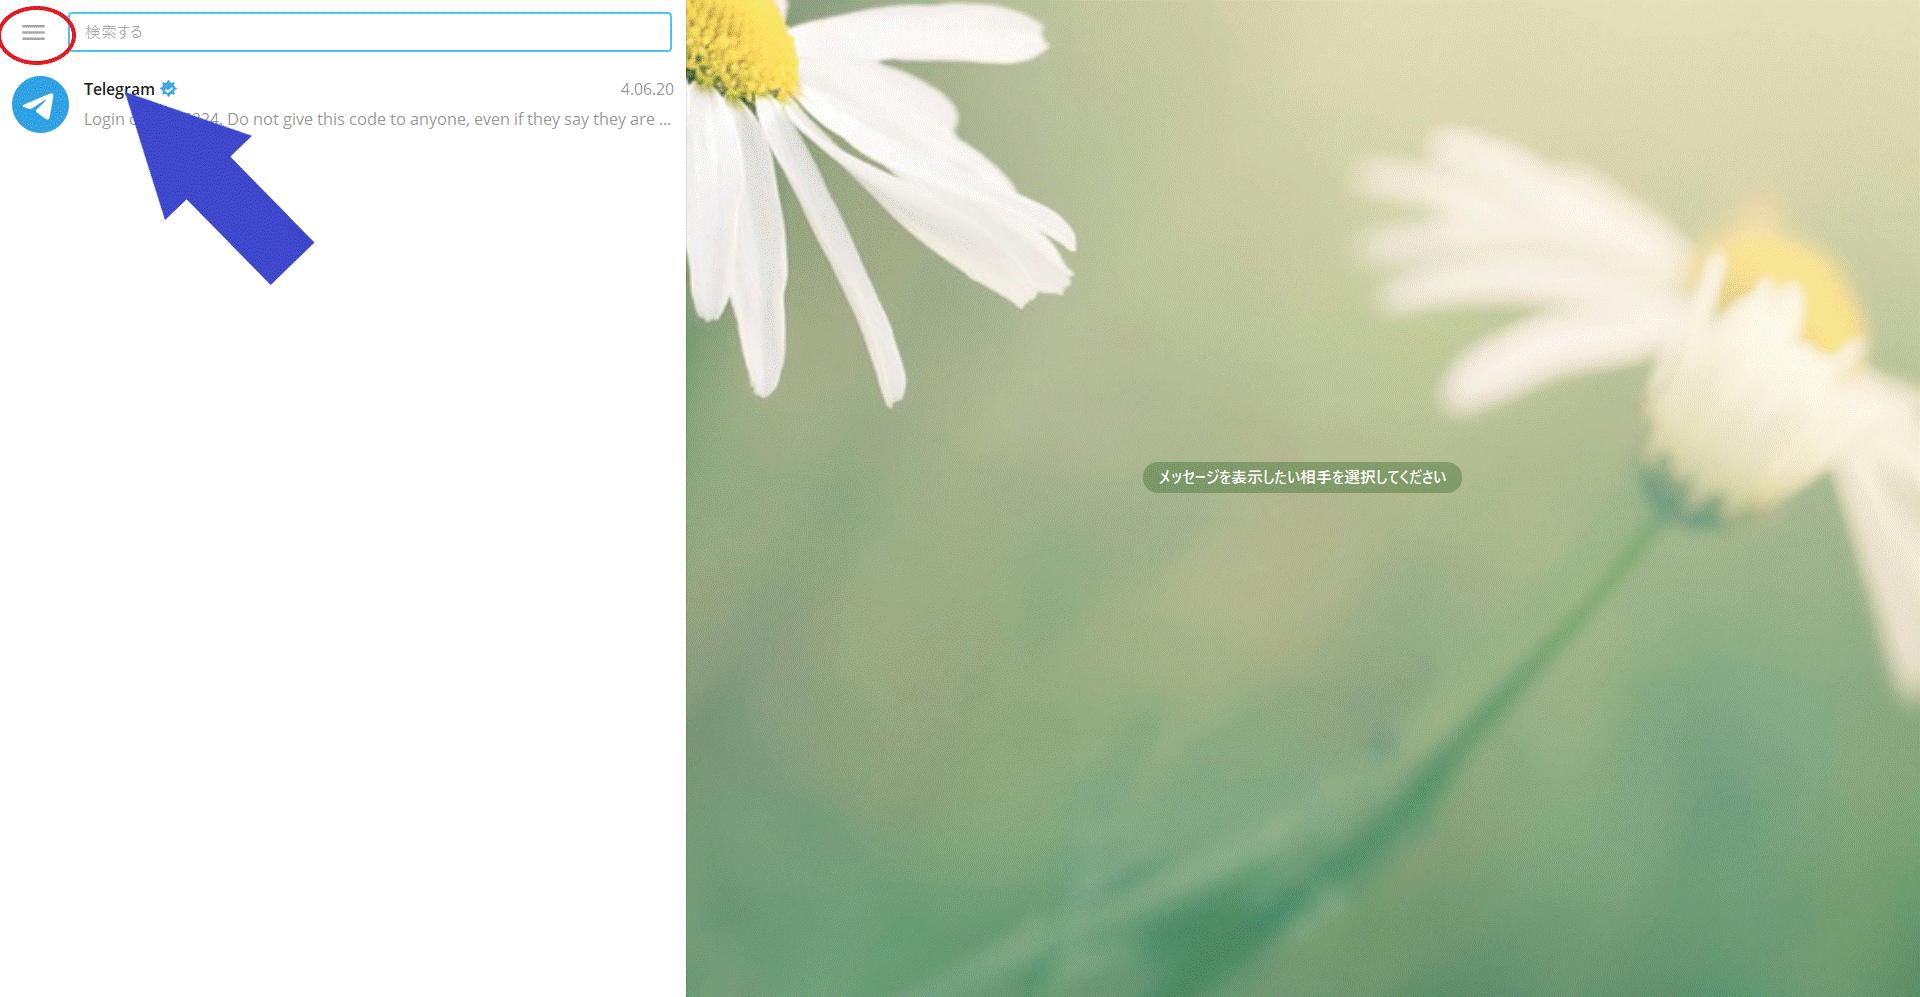 花 が含まれている画像  自動的に生成された説明